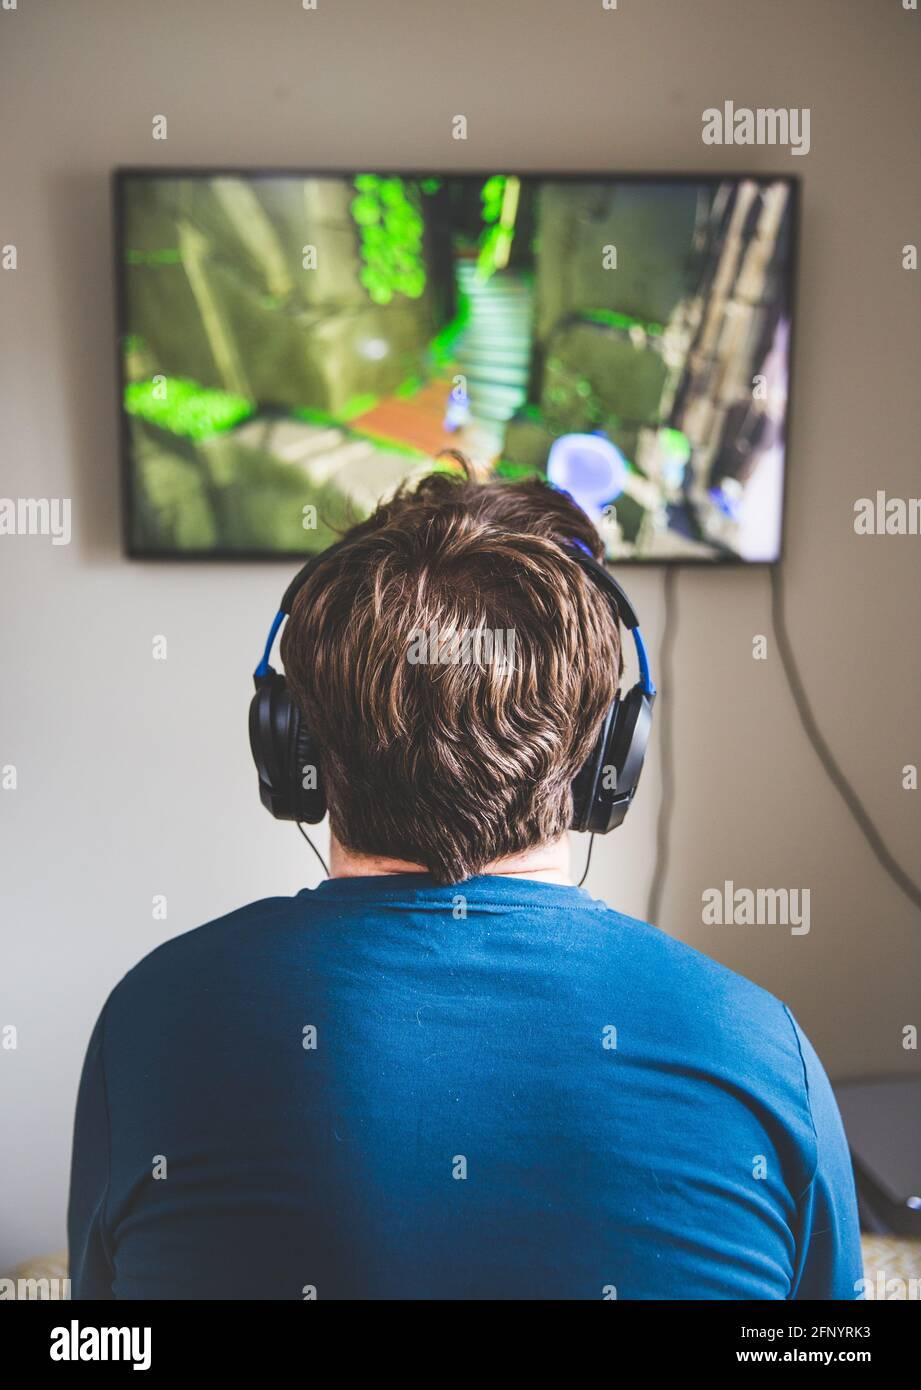 Vista trasera de un adolescente mirando la televisión mientras estaba jugar a videojuegos y usar micrófono y auriculares Foto de stock